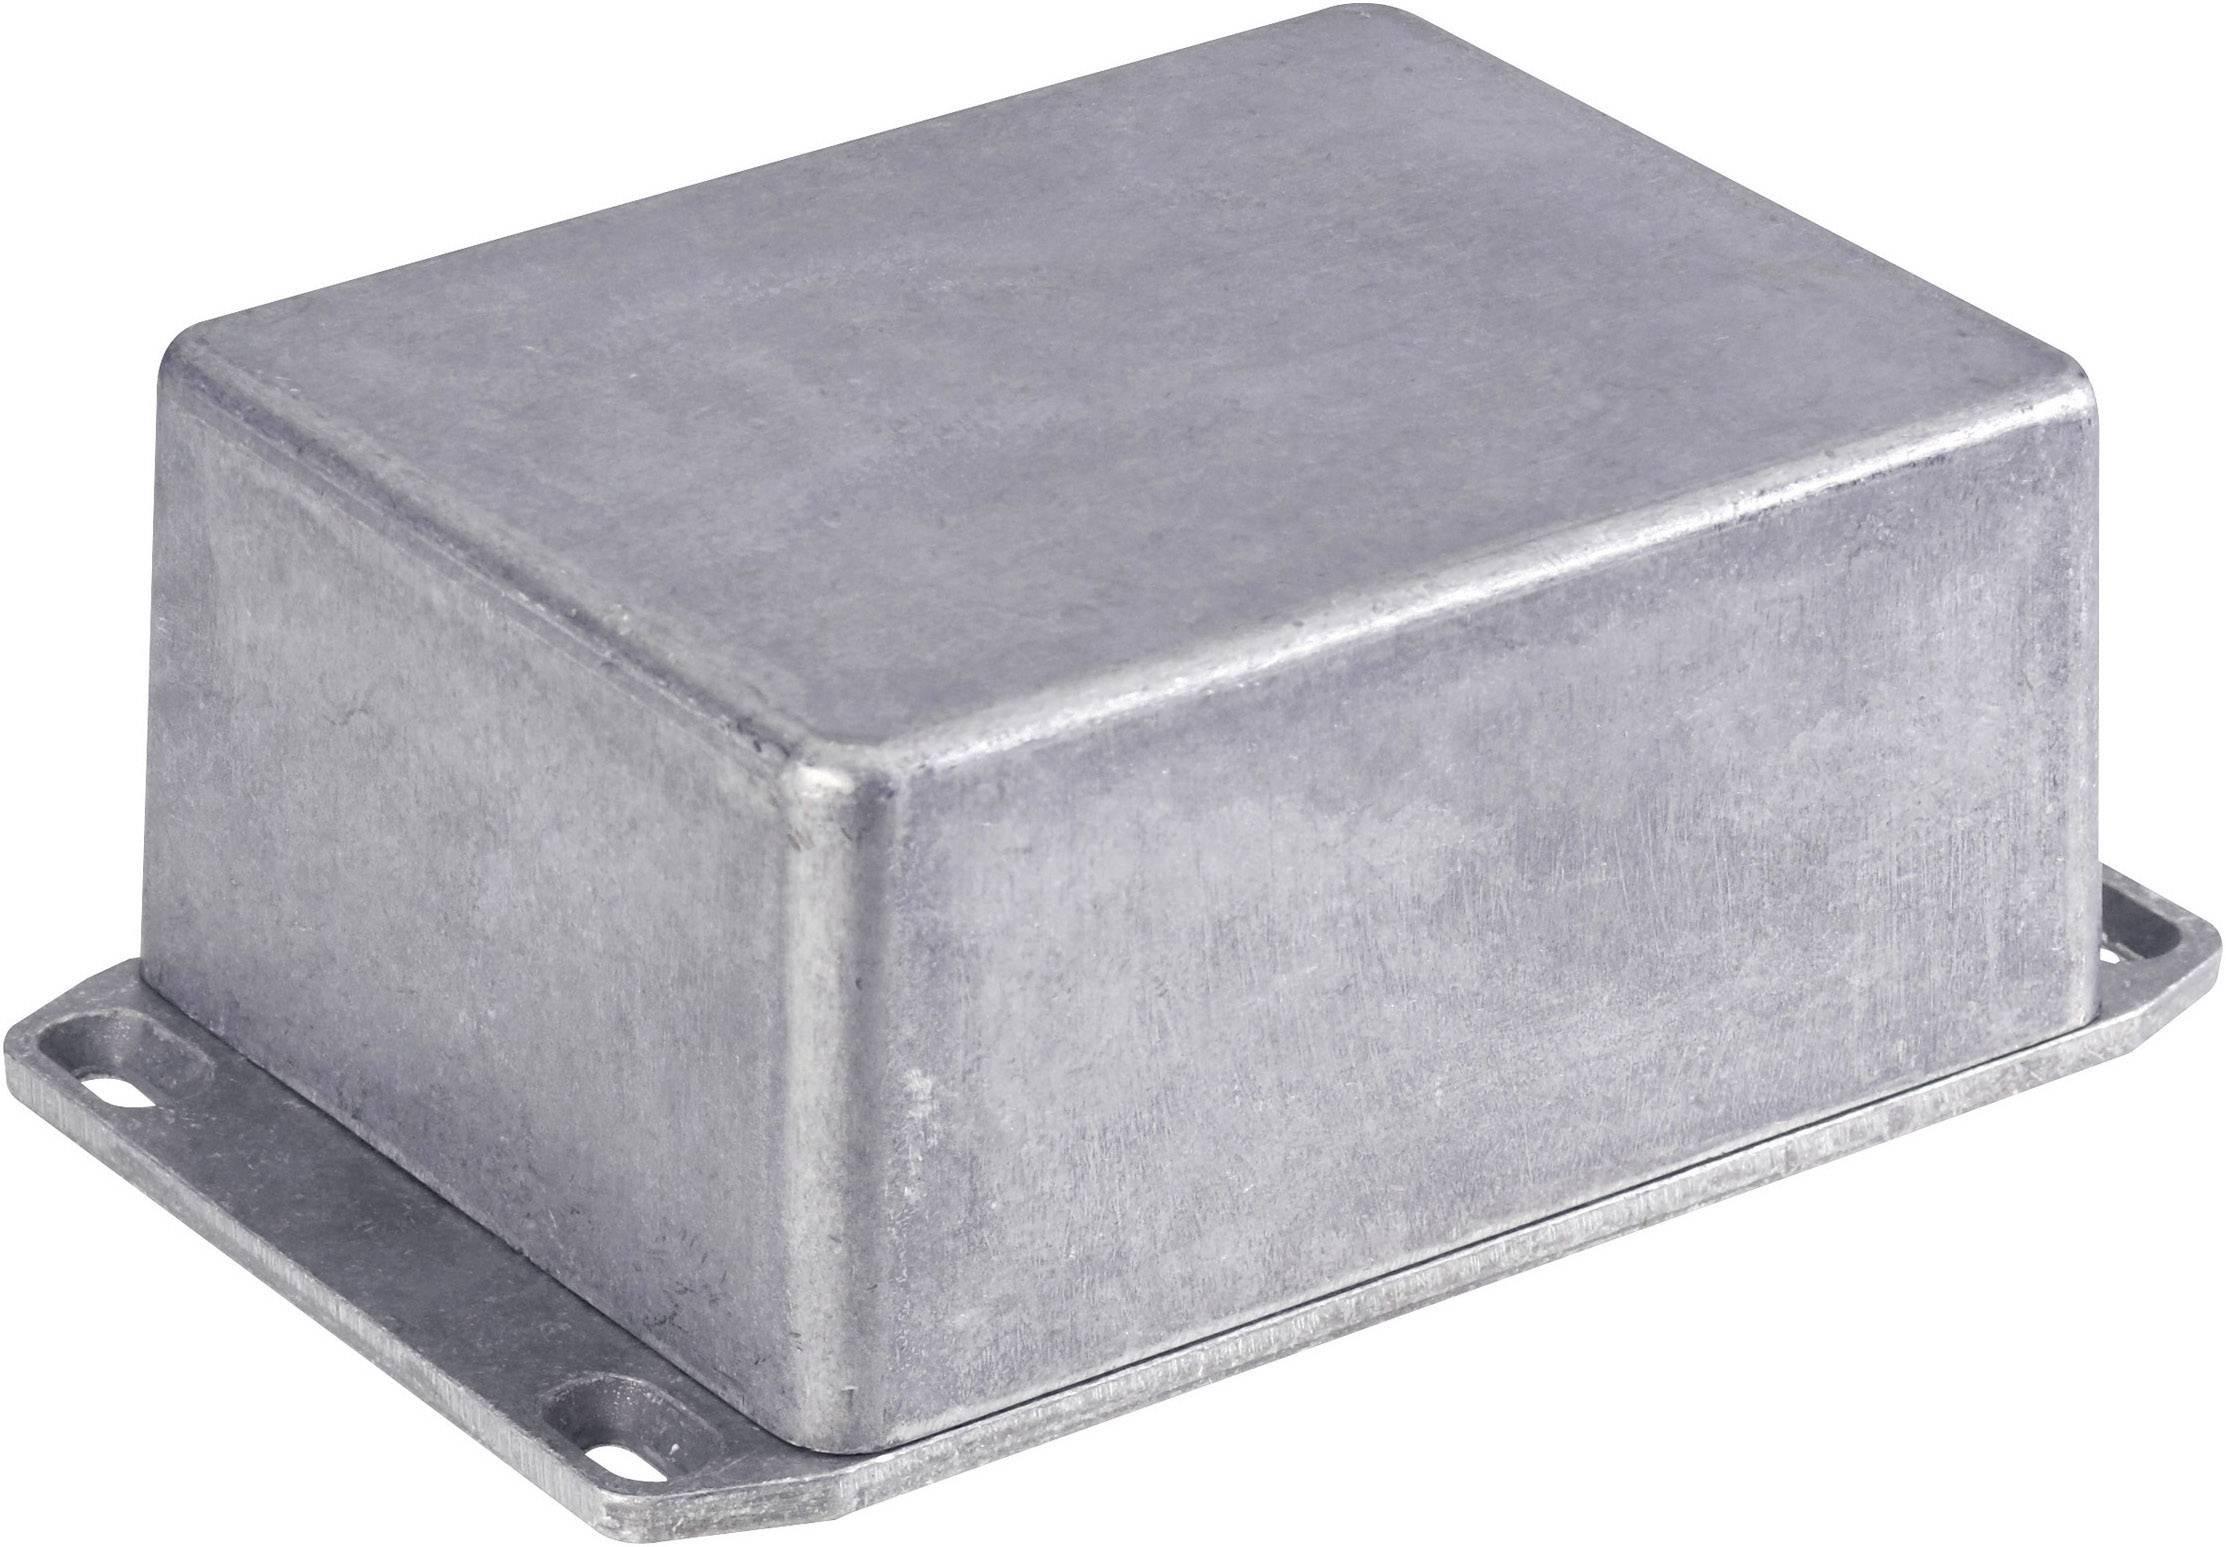 Univerzální pouzdro hliník Hammond Electronics 1590WUFLBK 120 x 120 x 59 1 ks